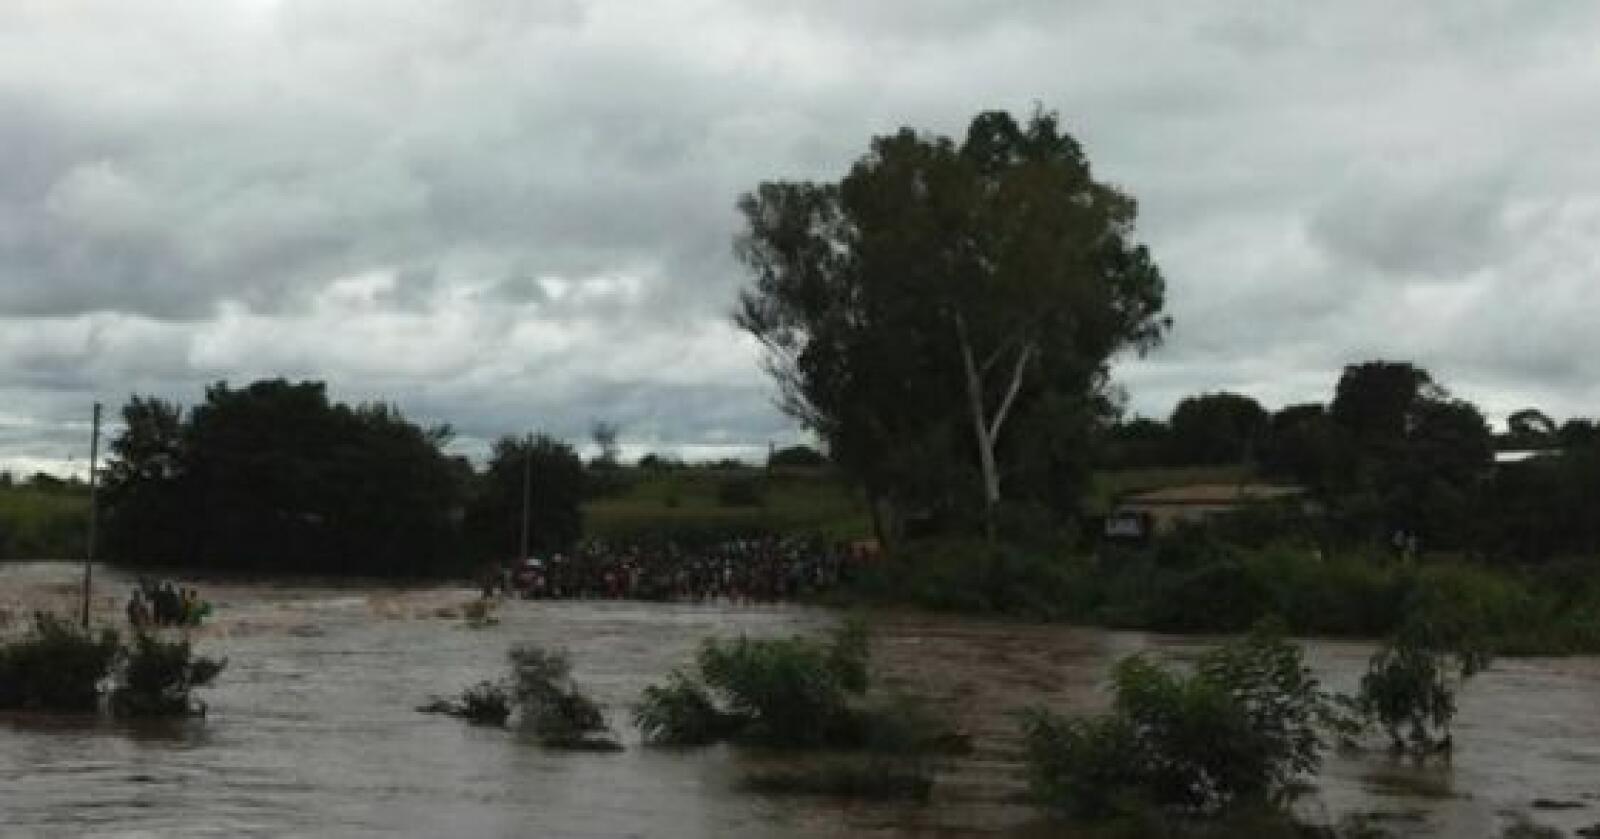 Malawi, et av verdens fattigste land, er rammet av en ny flomkatastrofe. Foto: Malawi Department of Disaster Management Affair/Facebook (skjermdump)